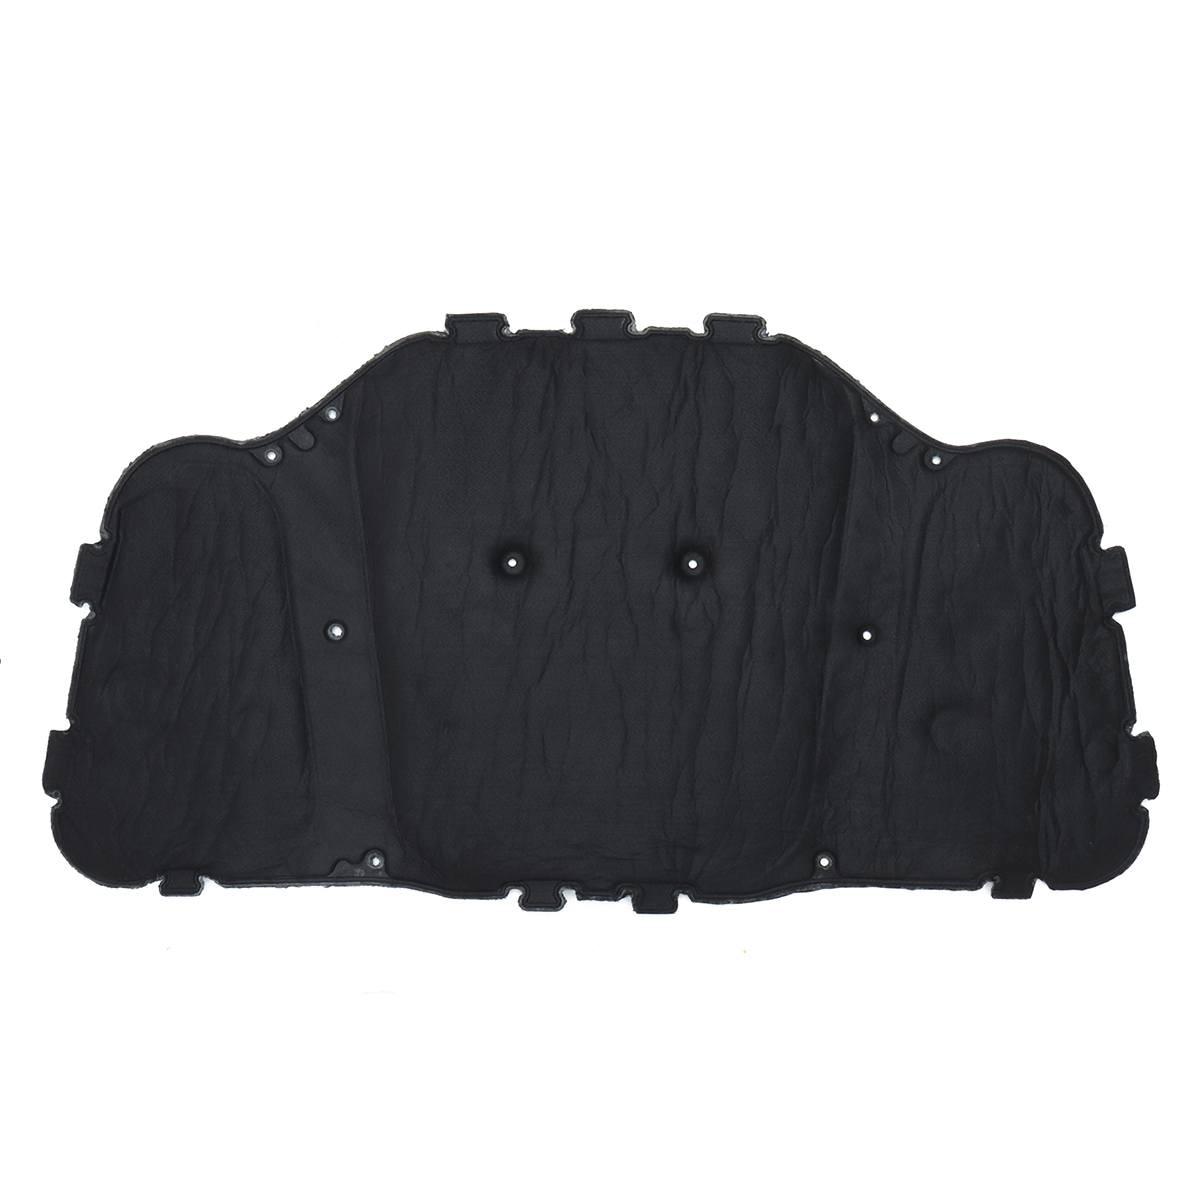 Réduction du bruit coussin d'isolation voiture stéréo bruit isolation thermique insonorisé tapis de protection pour BMW E60 E61 525i 528i 530i - 2